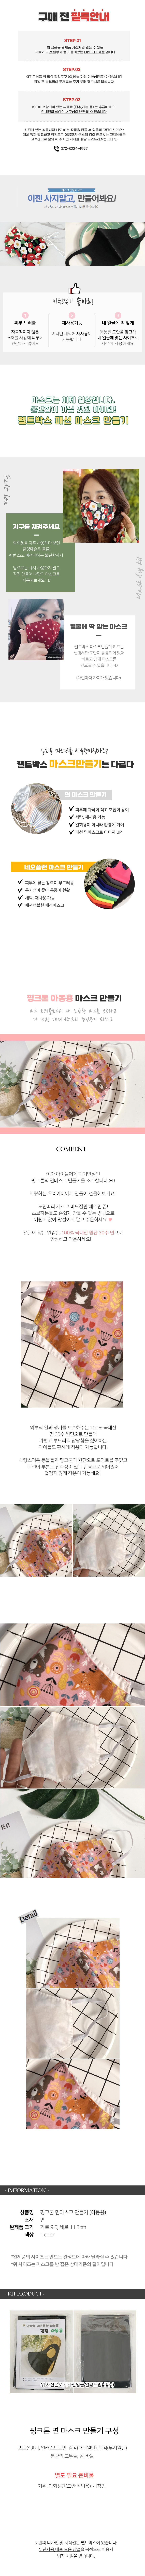 아동용 면마스크 만들기DIY 핑크톤(실바늘)마스크키트 - 펠트박스, 3,900원, 우드공예, 우드공예 재료